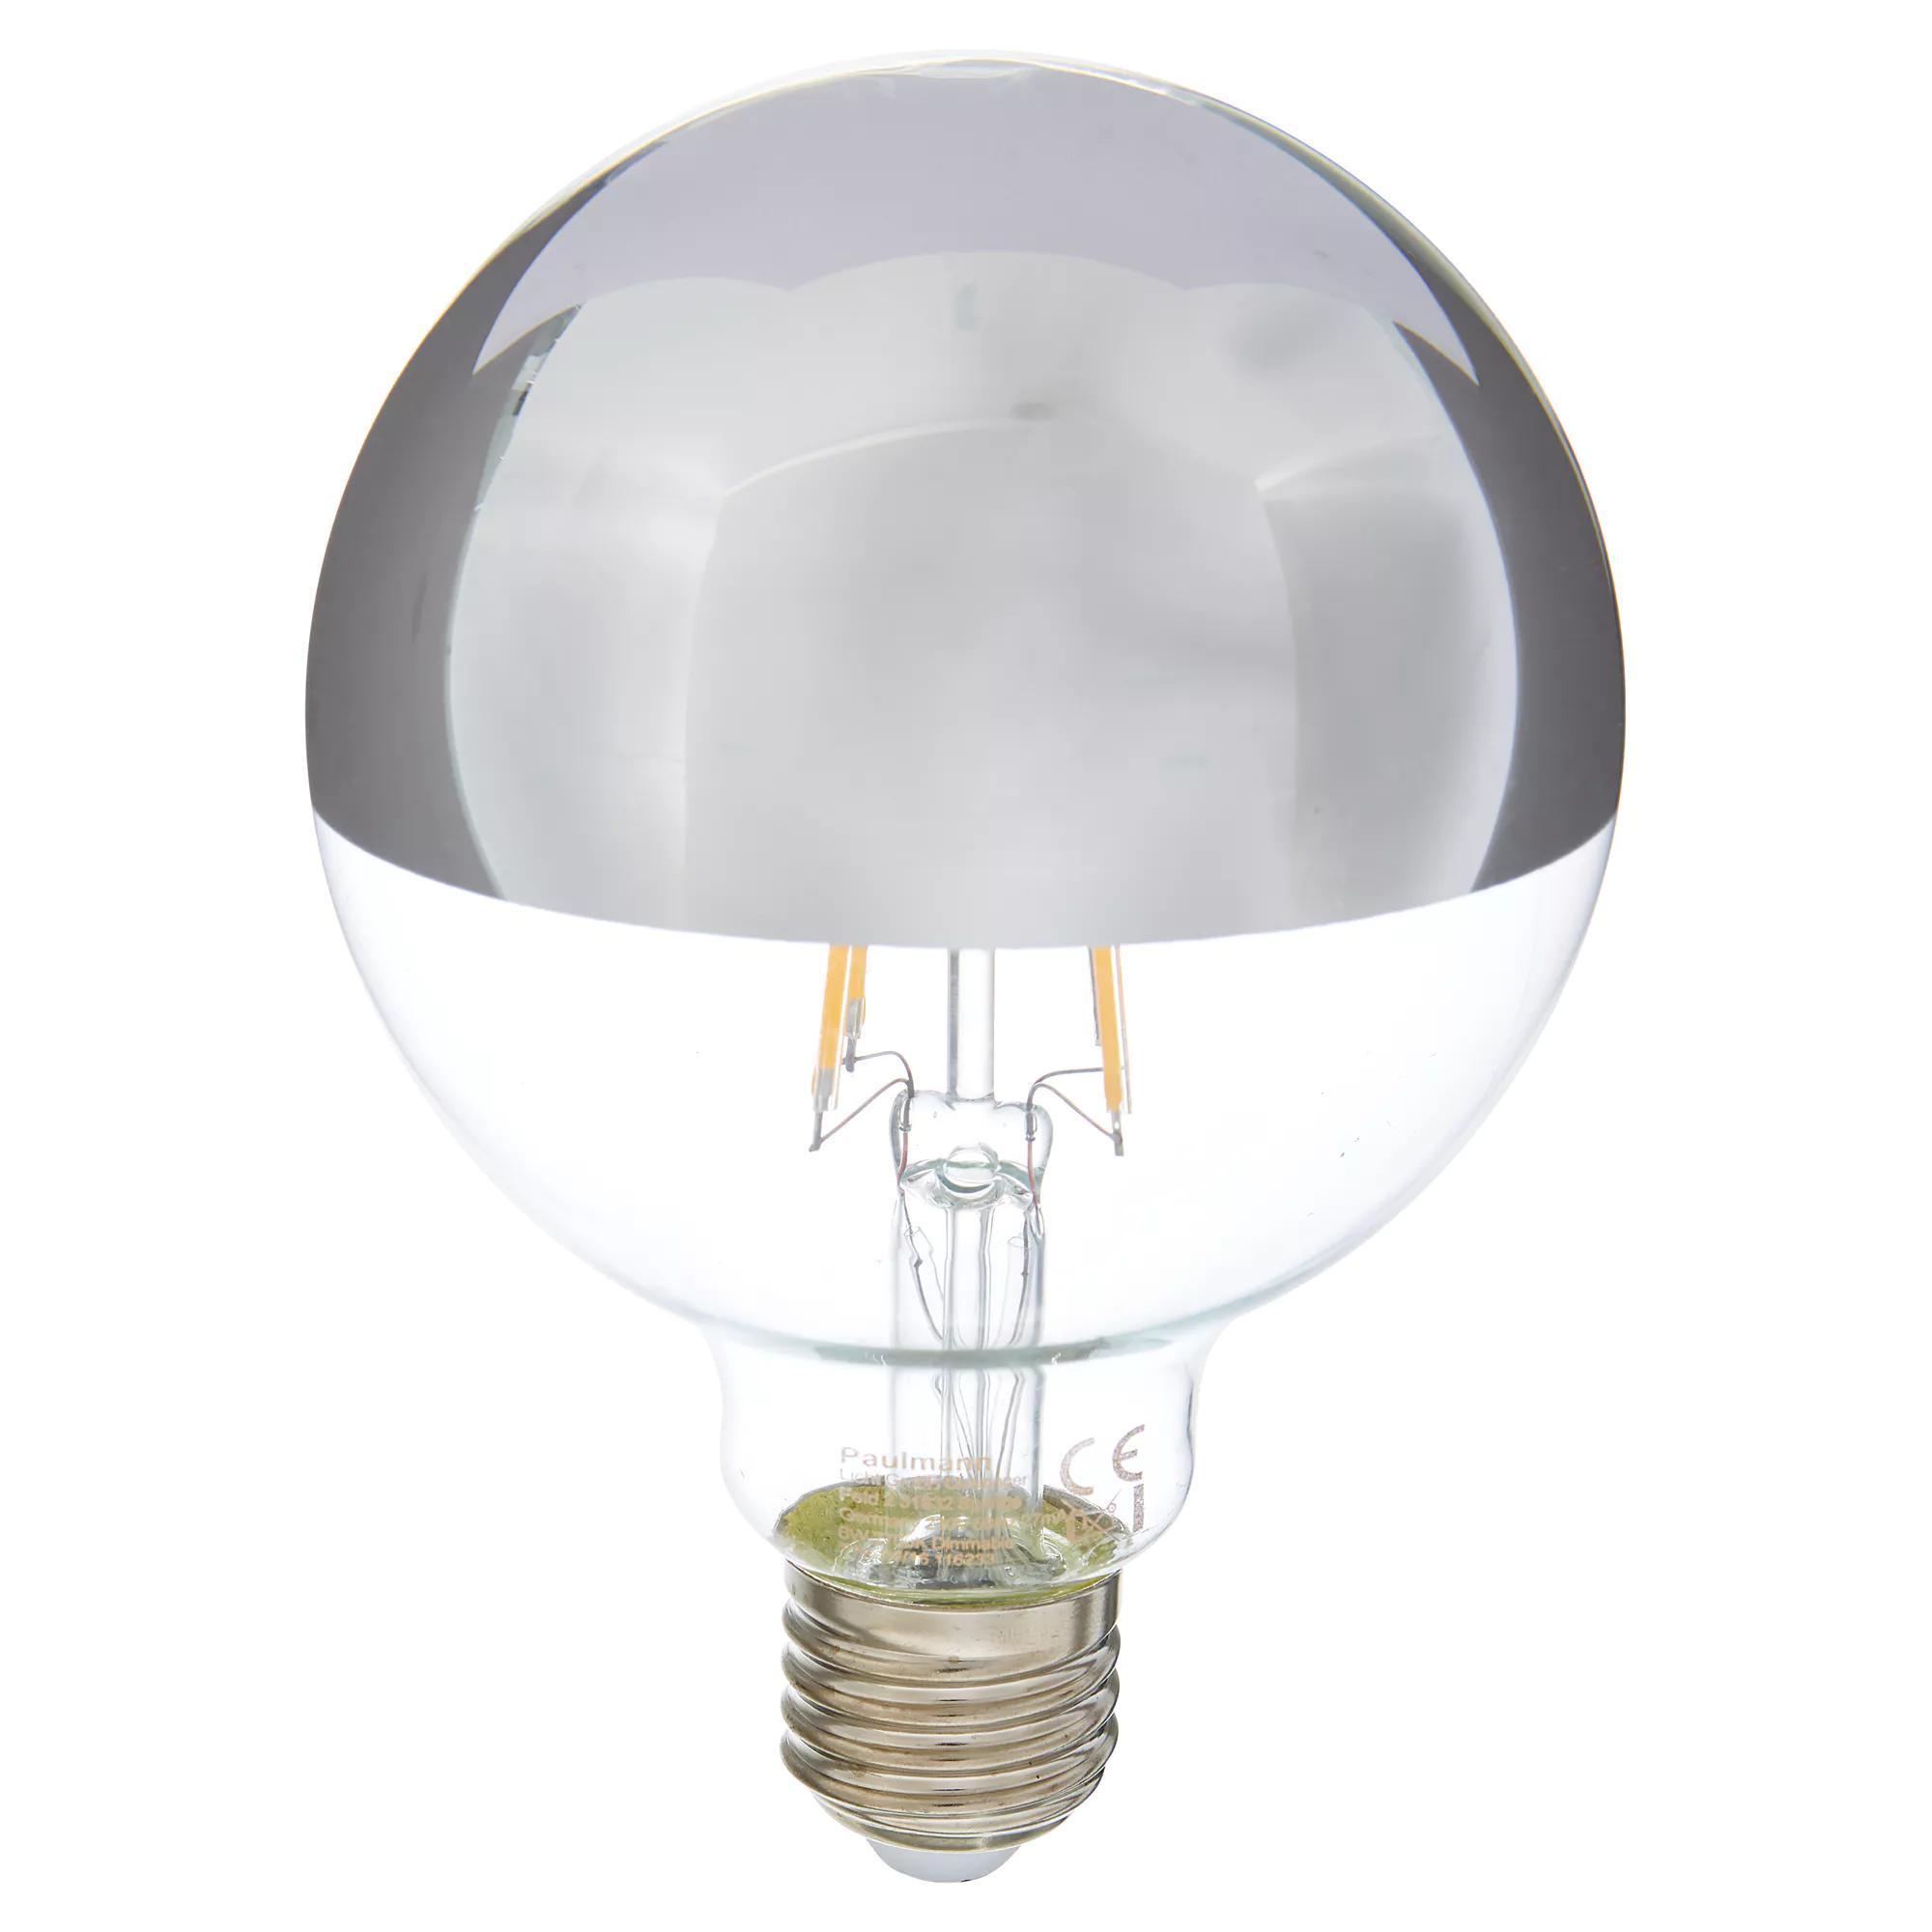 led lampen online bestellen toom baumarkt